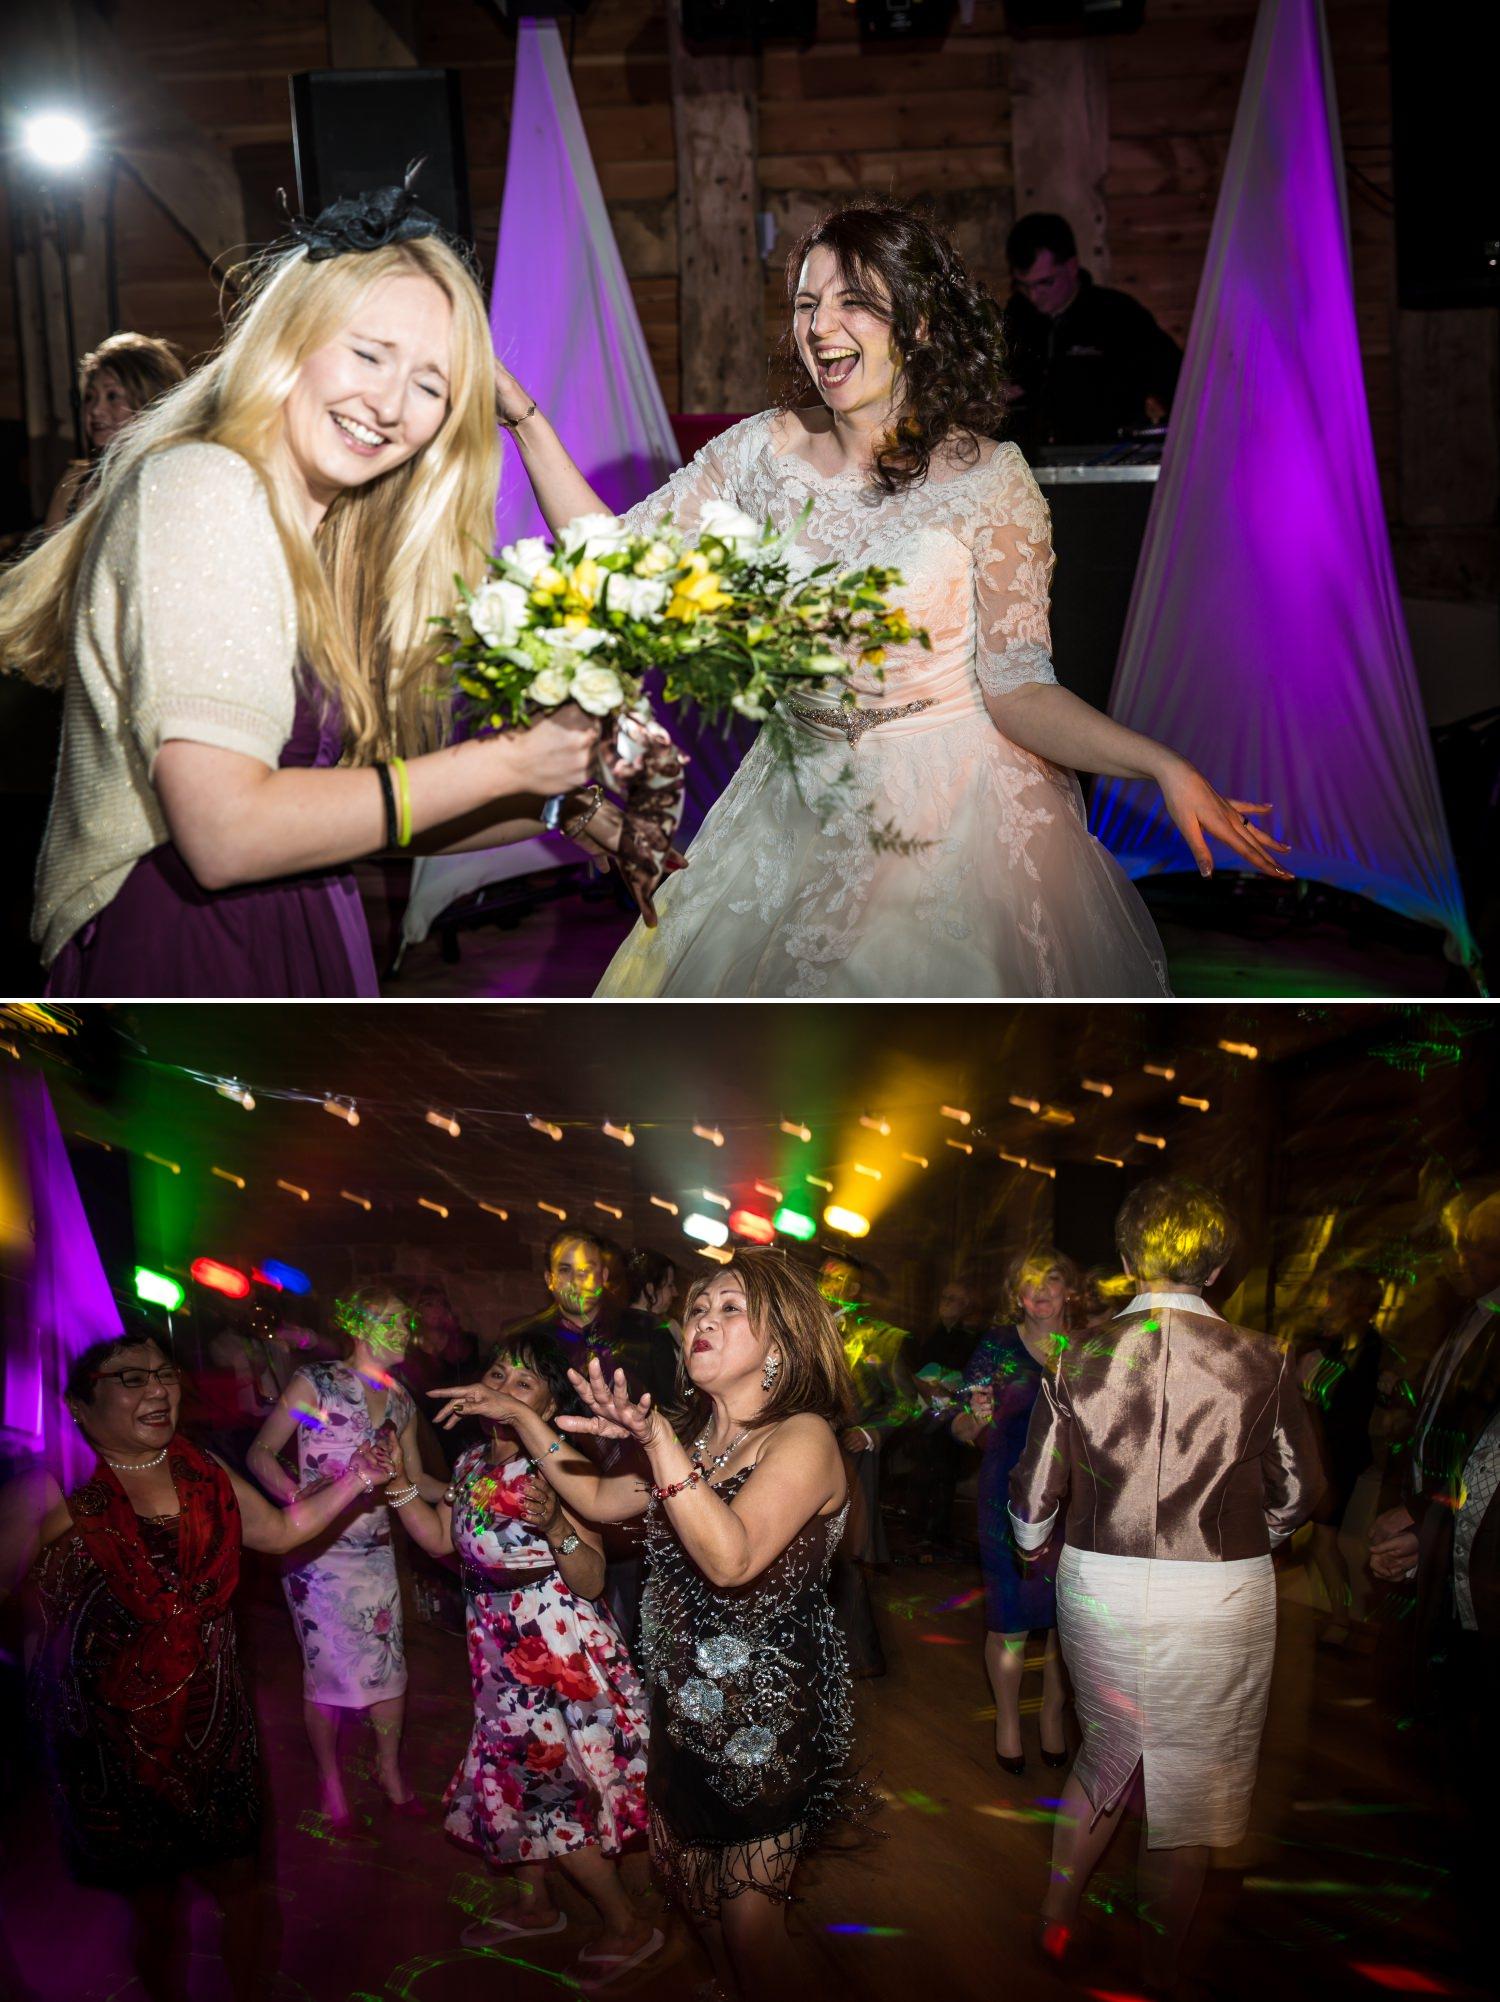 Evening dancing at wedding Photograph at Pimhill Barn, Shropshire